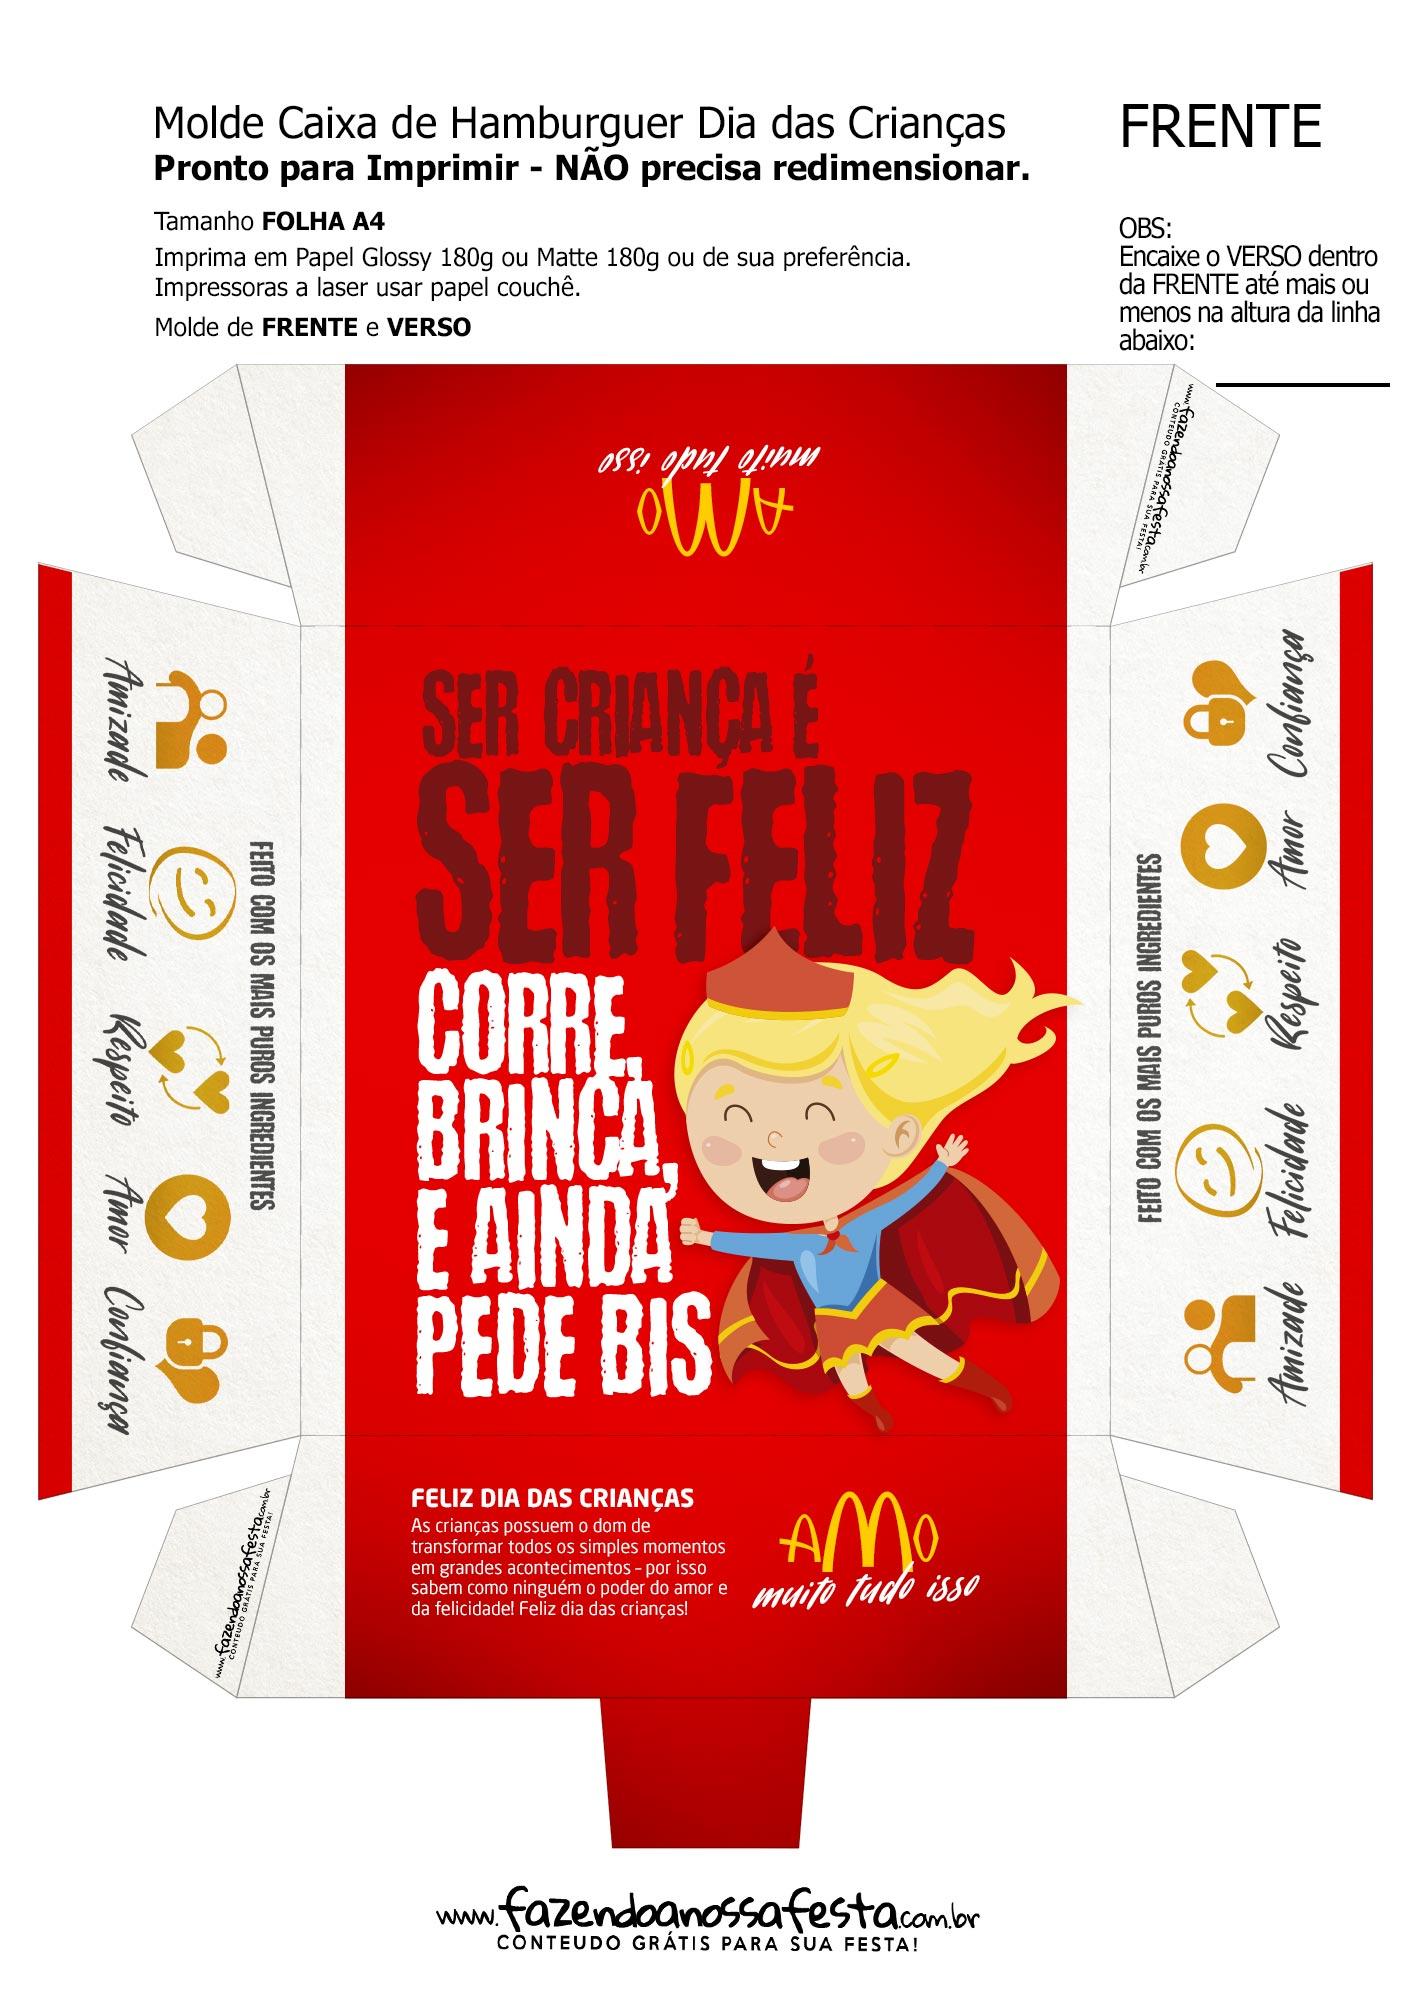 caixa hamburguer dia das criancas gratis